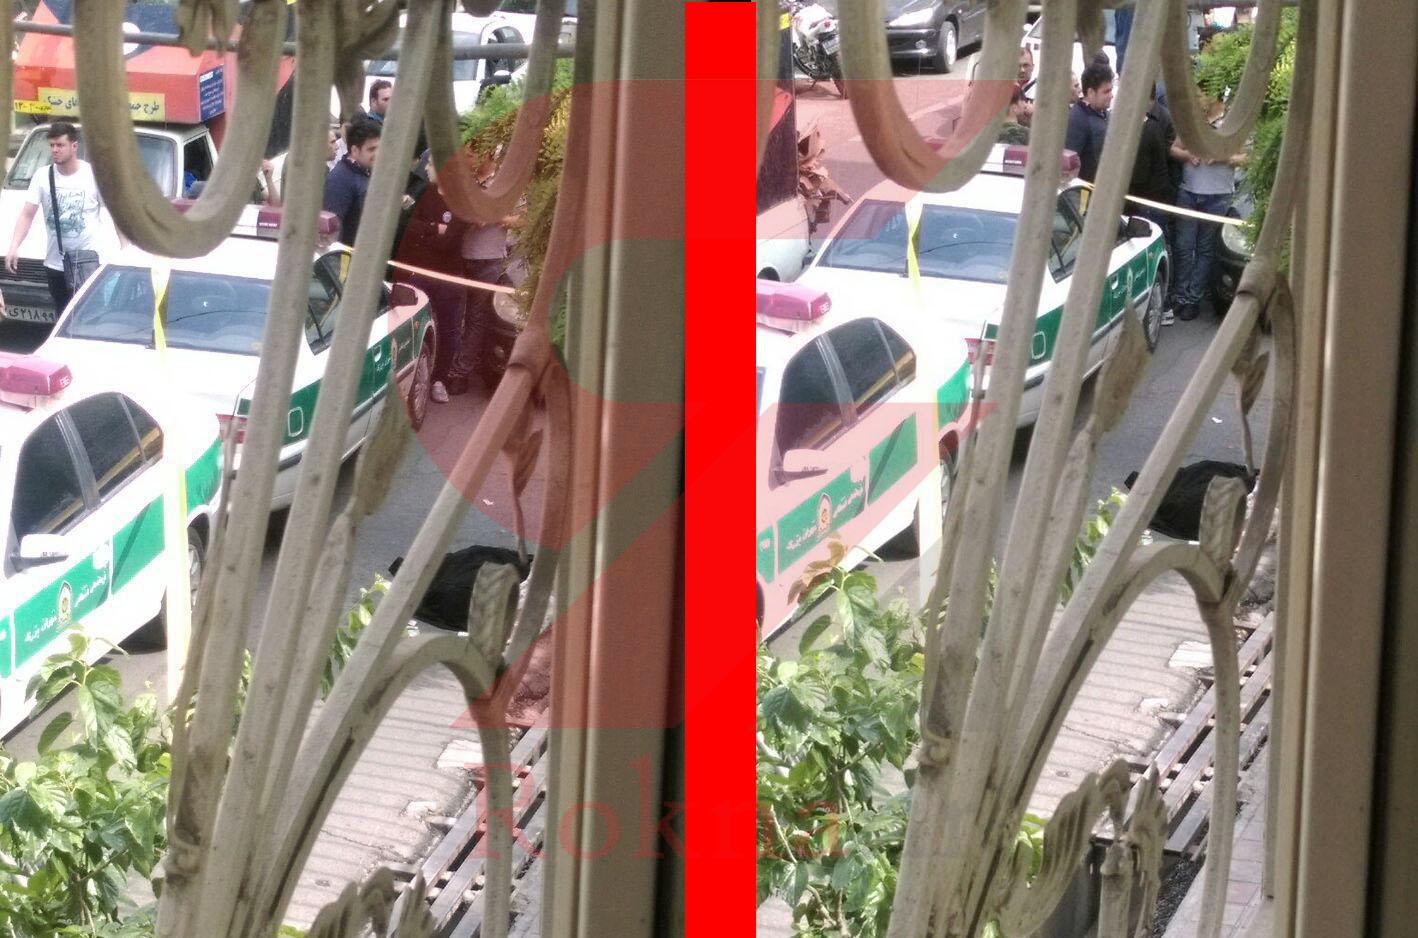 تکه تکه کردن یک مرد در خیابان پیروزی + تصاویر